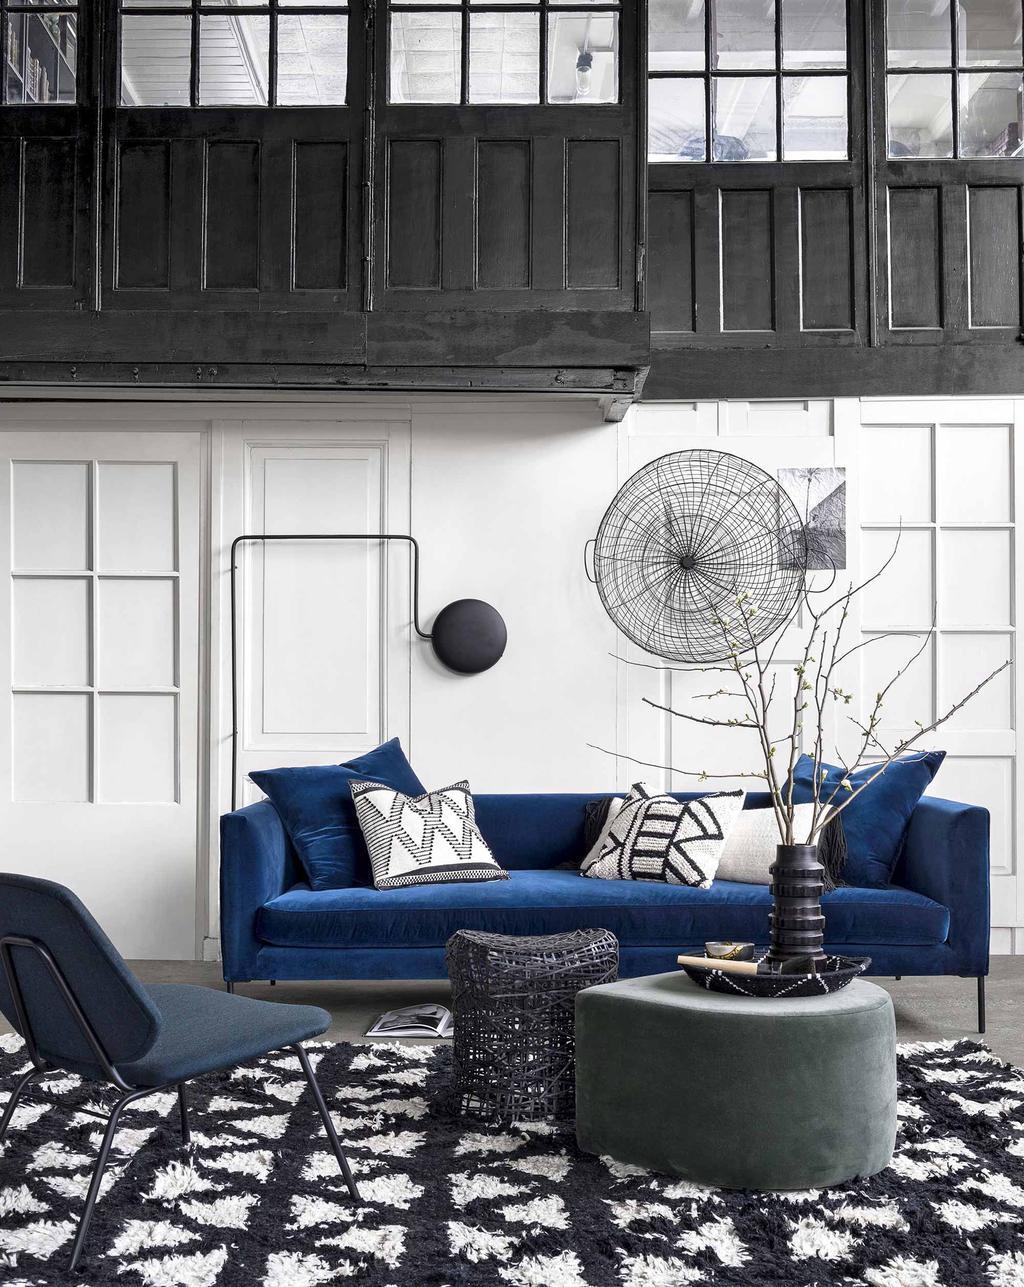 zwart-wit interieur blauwe bank zwart-witte kussens